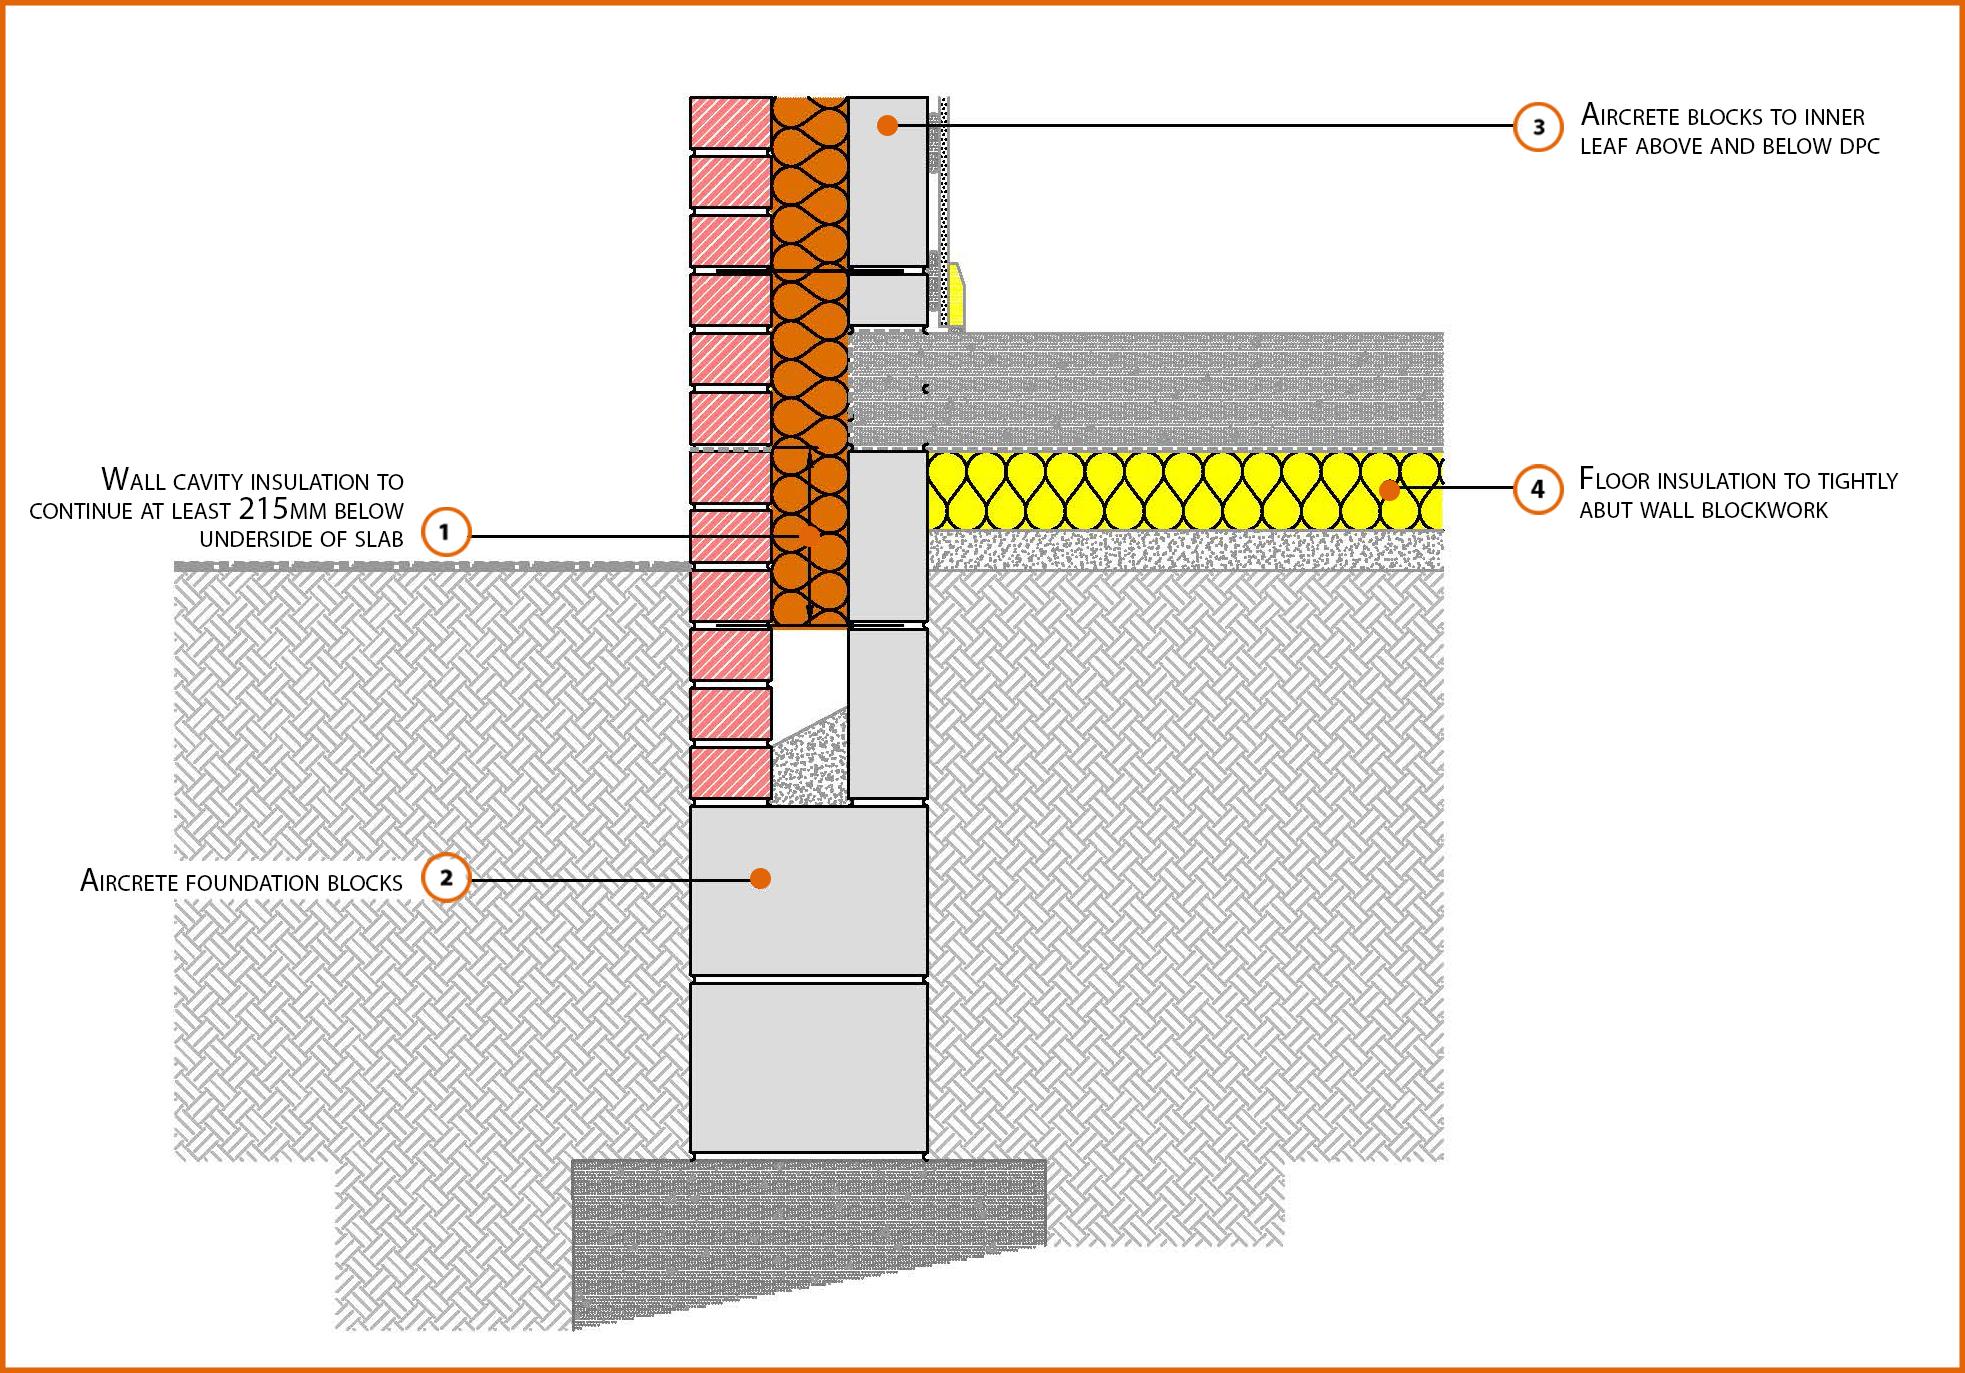 E5mcff30 Suspended In Situ Concrete Floor Insulation